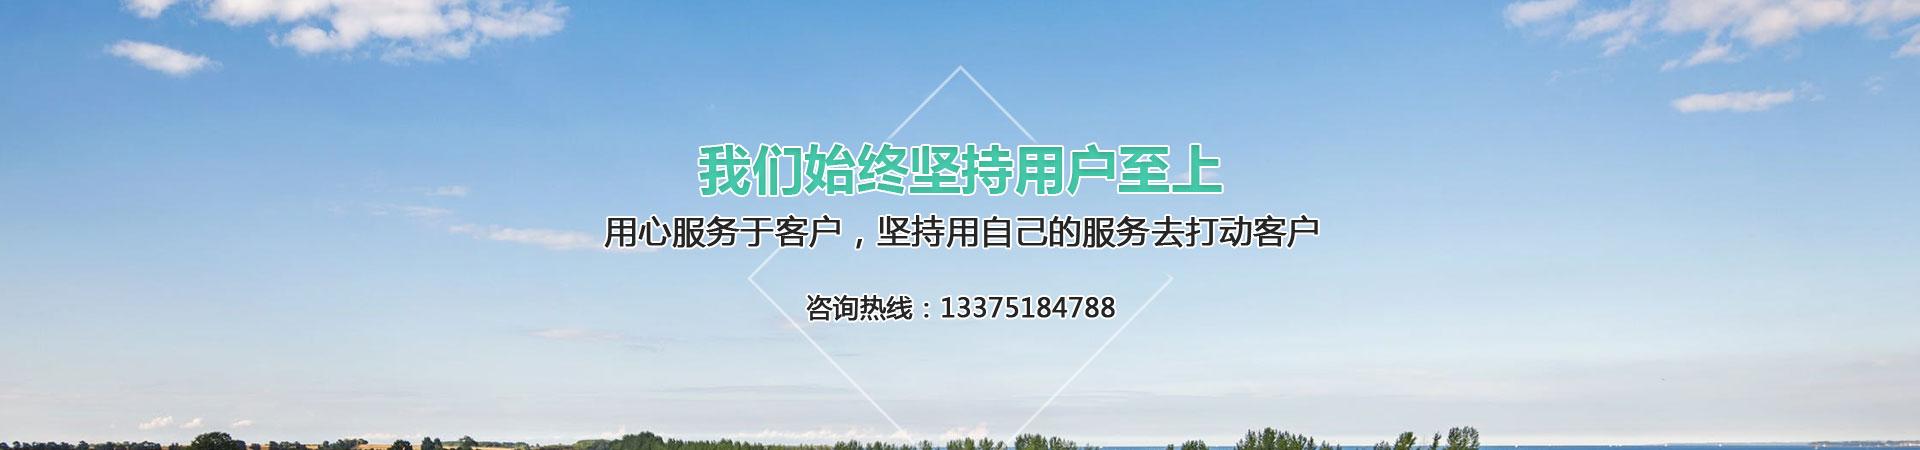 江苏德莱利建筑装饰工程有限公司